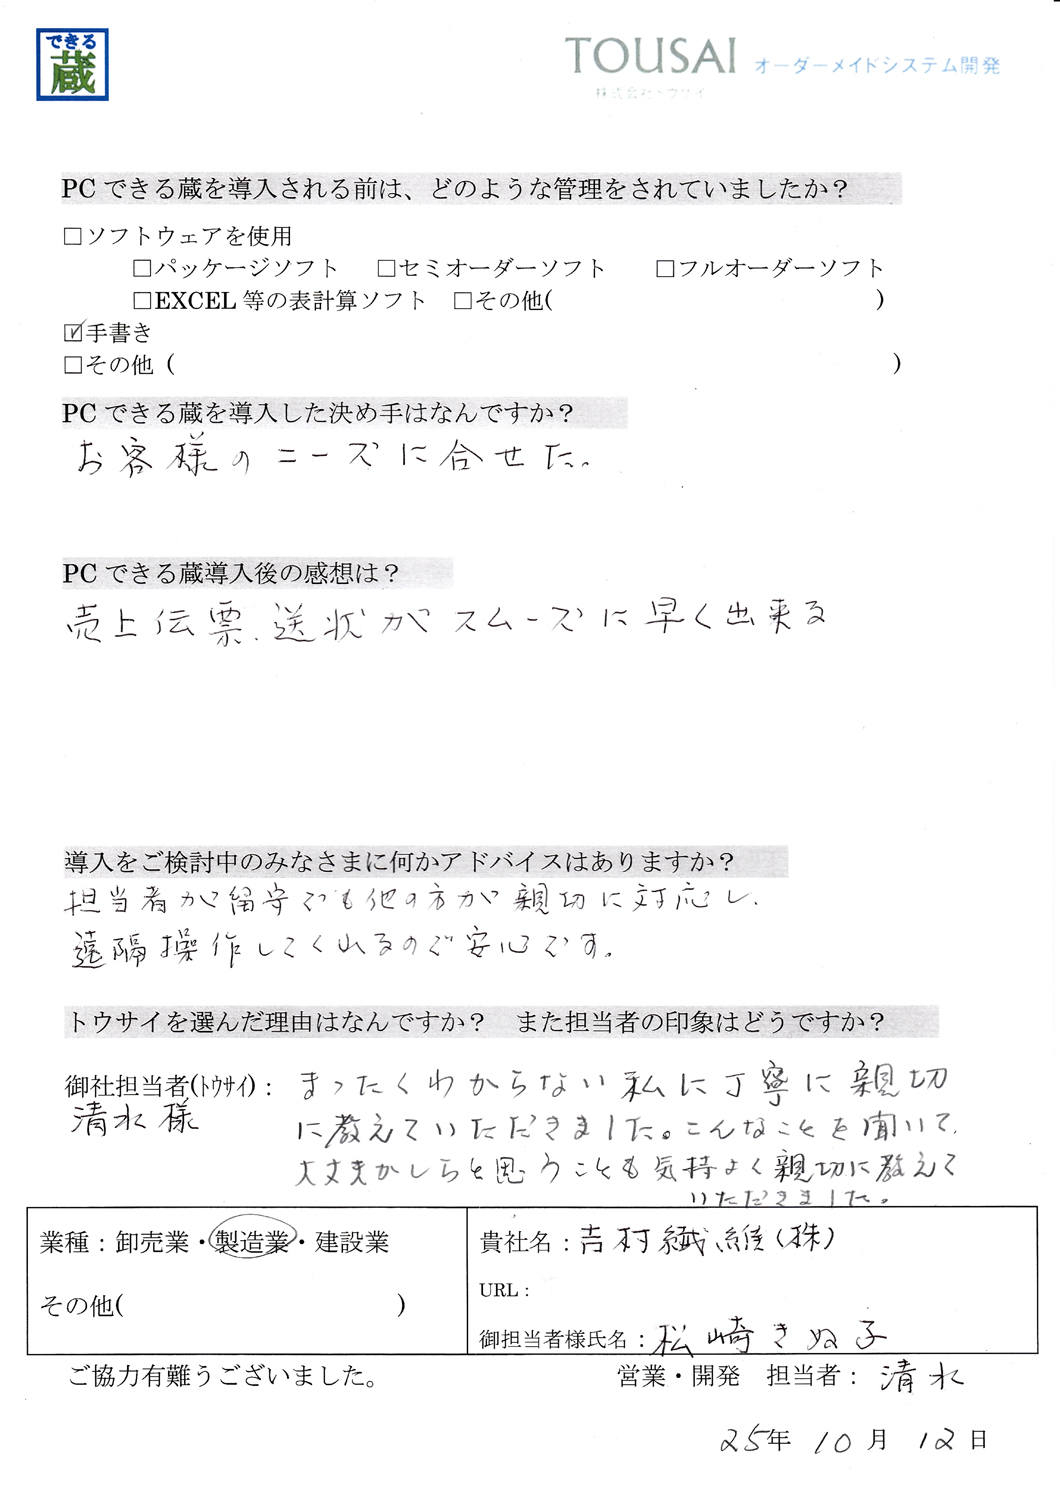 吉村繊維株式会社 様